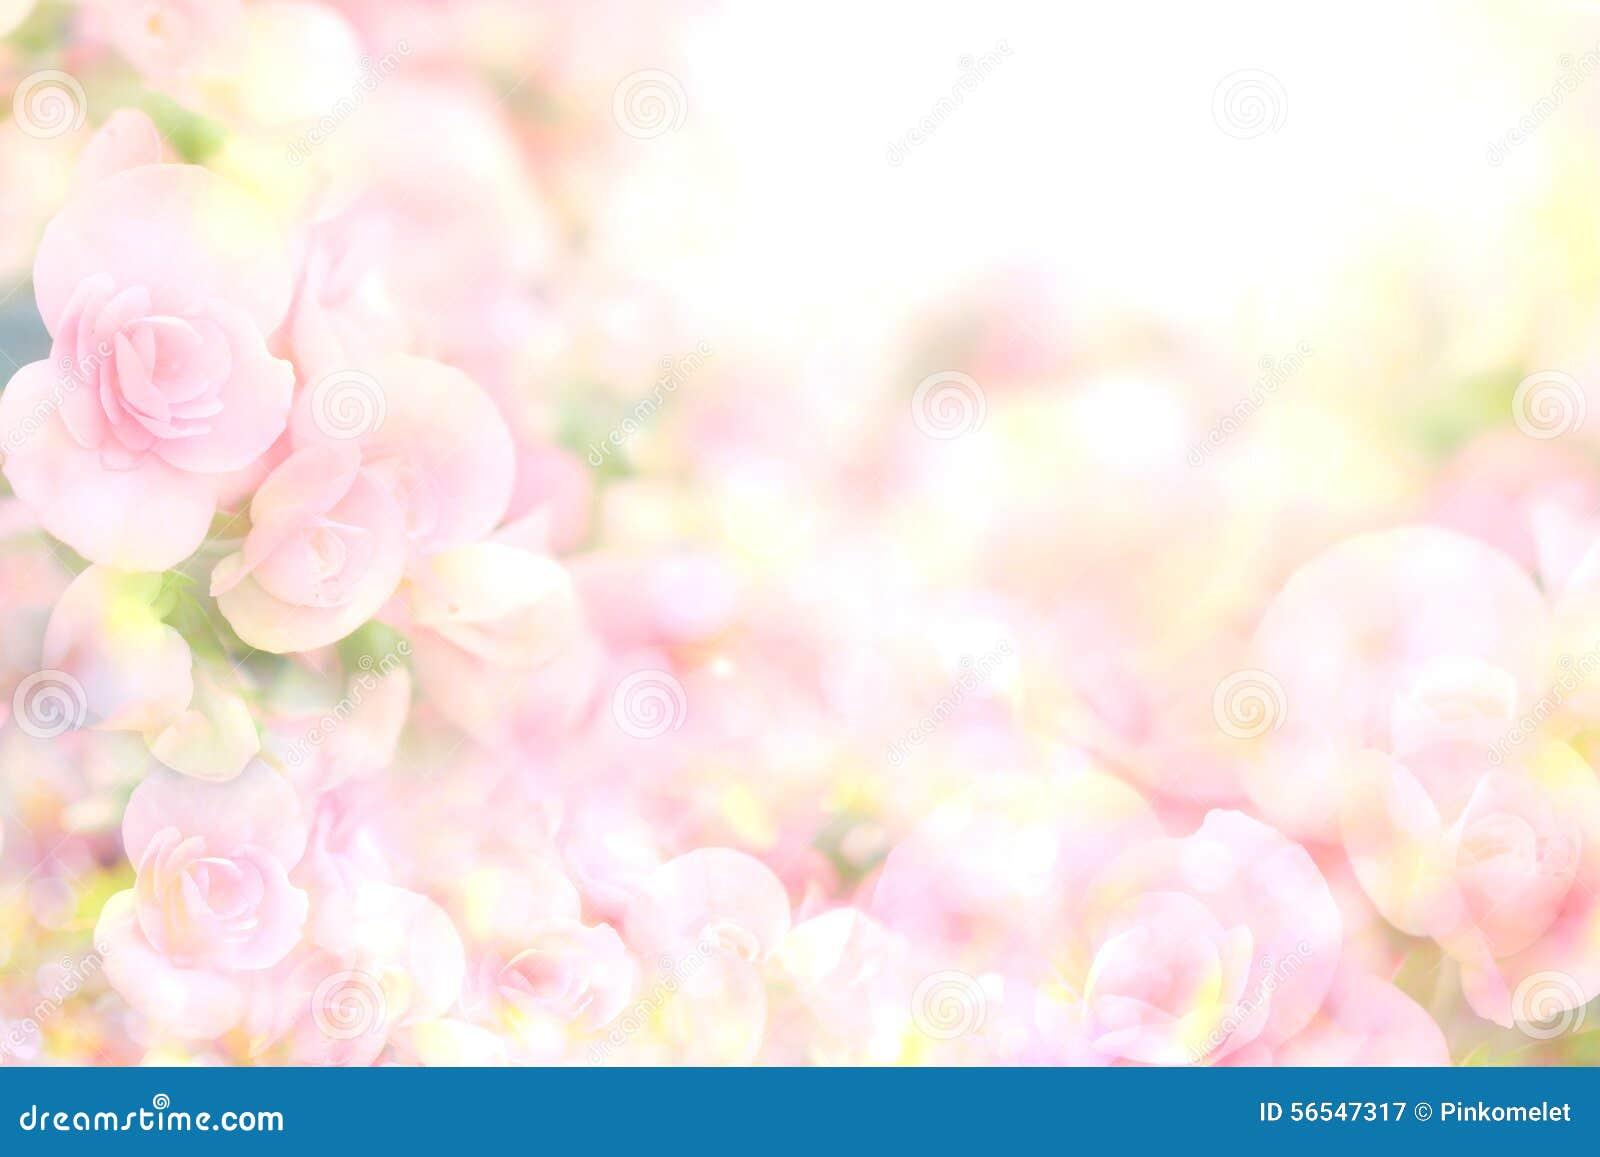 Абстрактная мягкая сладостная розовая предпосылка цветка от бегонии цветет